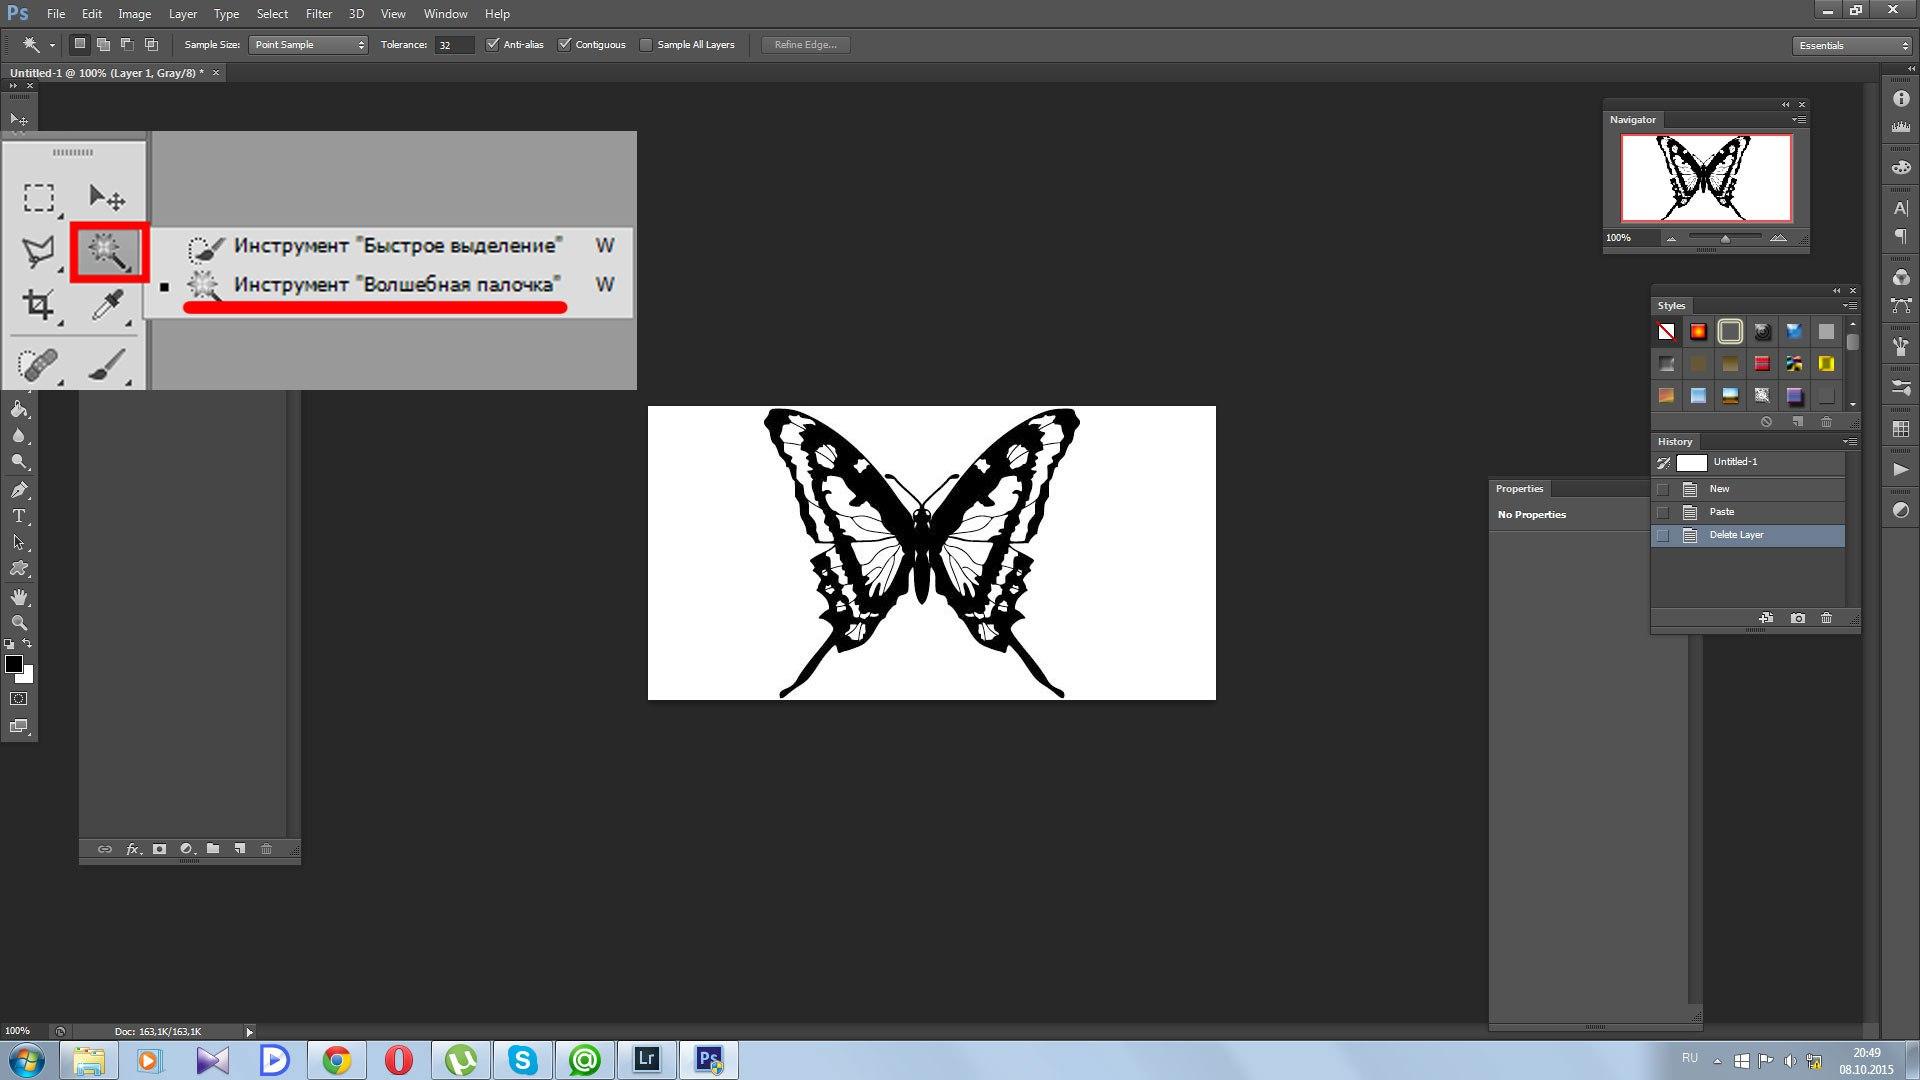 Как сделать фото без фона в фотошопе cs6